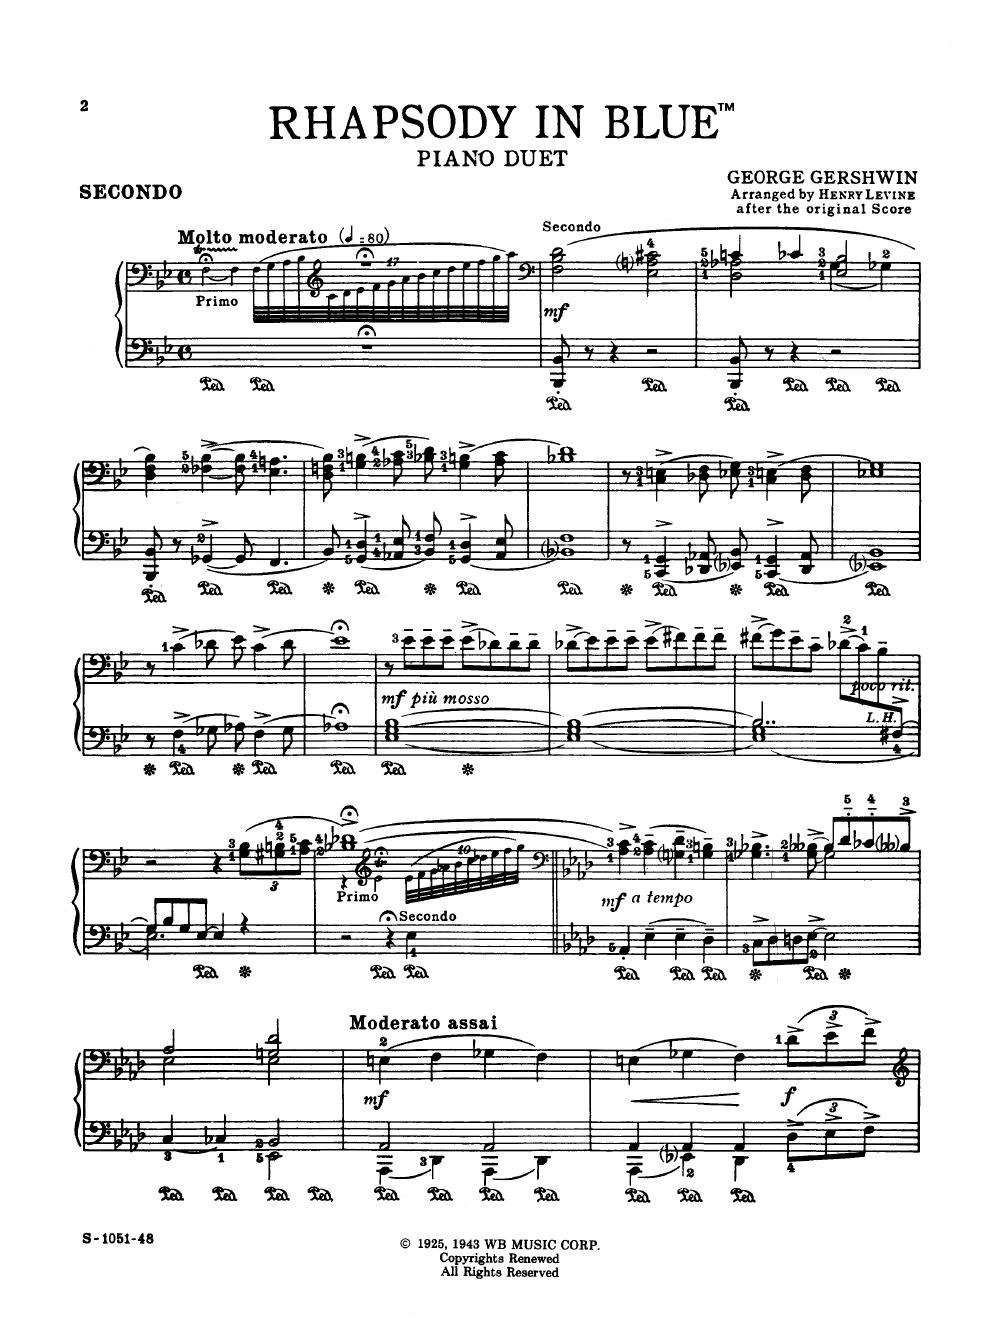 Rhapsody In Blue By George Gershwin/arr. Levine